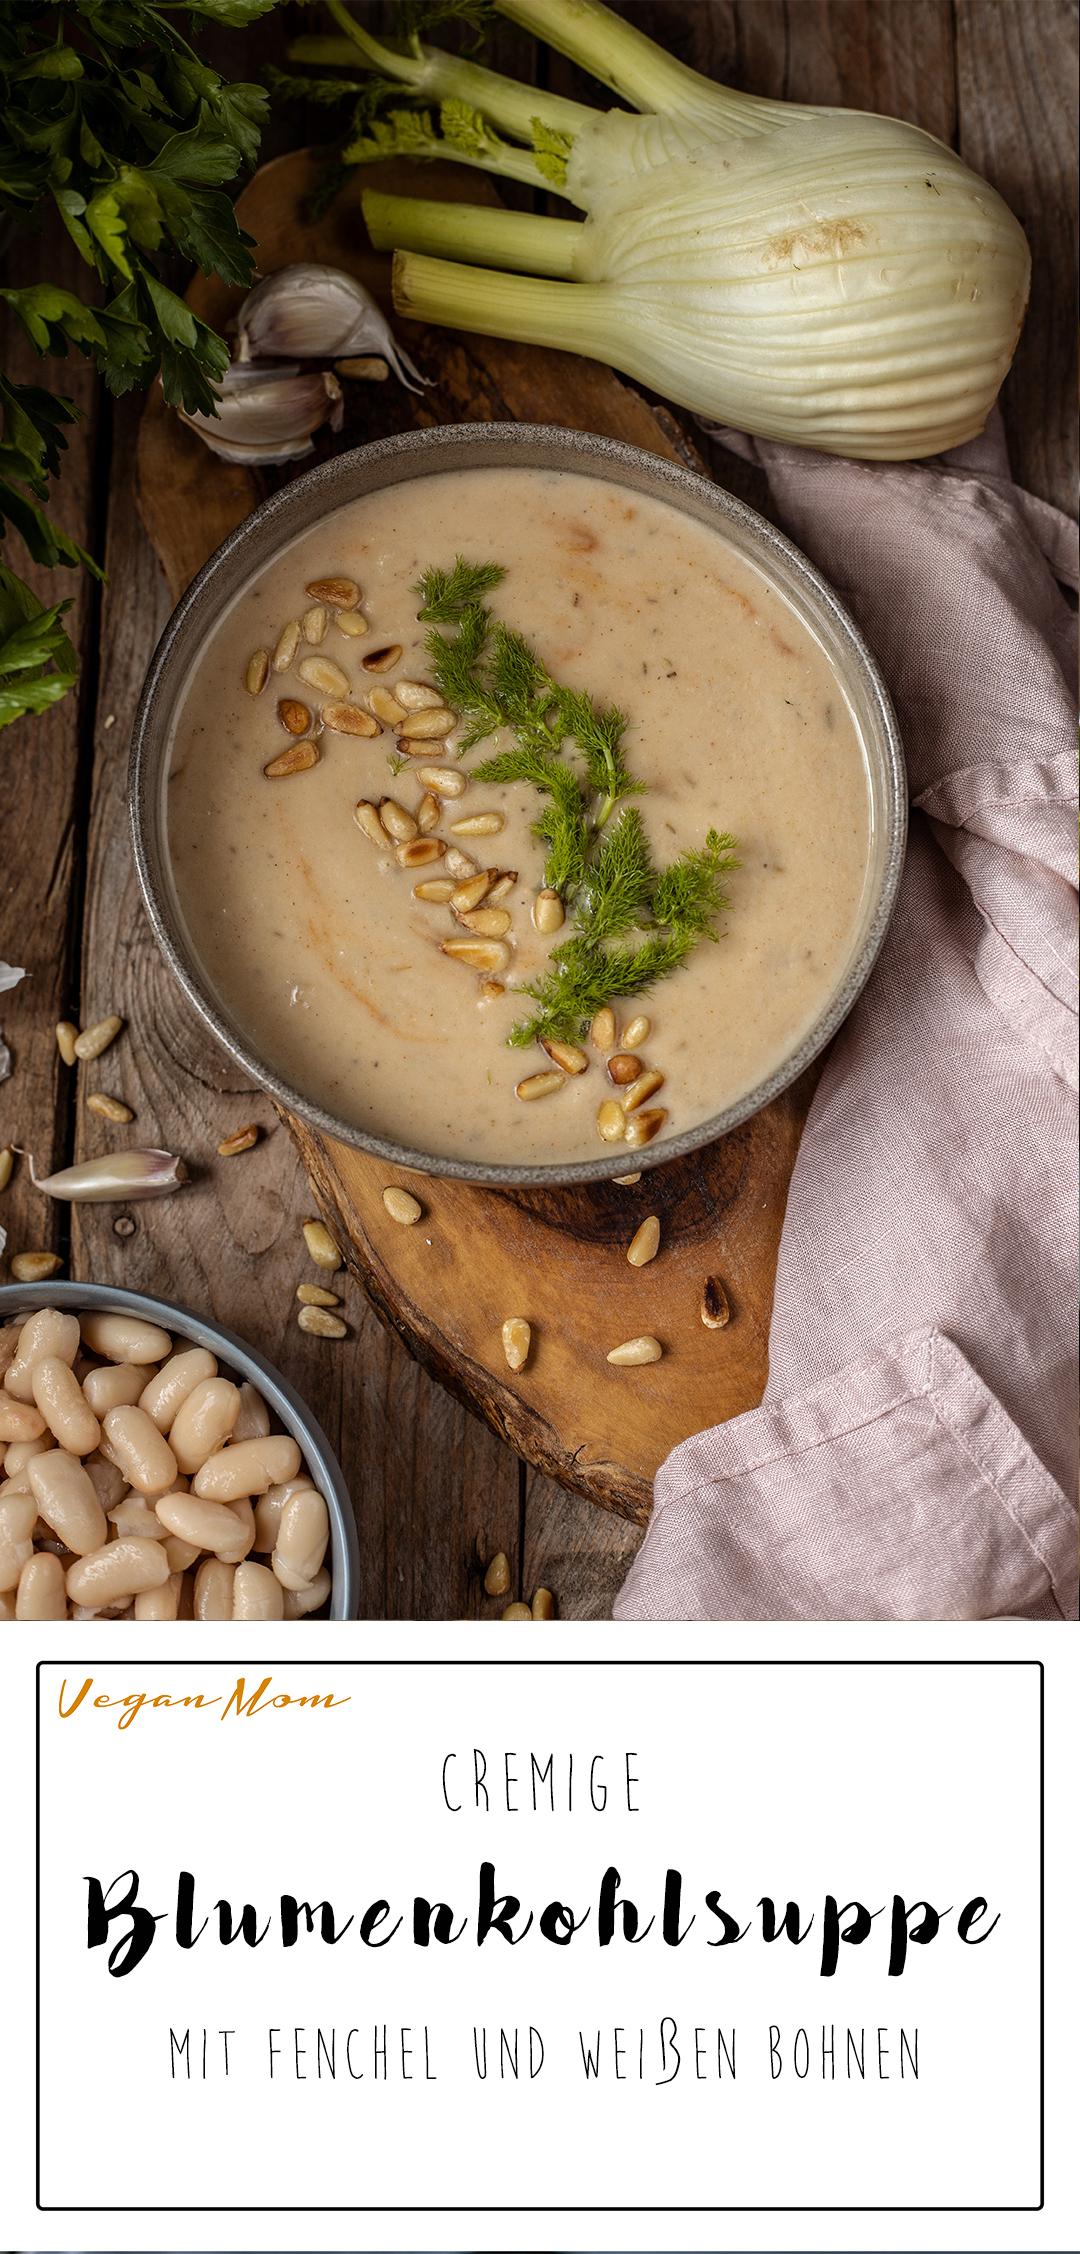 Vegane Rezepte mit Blumenkohl Blumenkohlsuppe